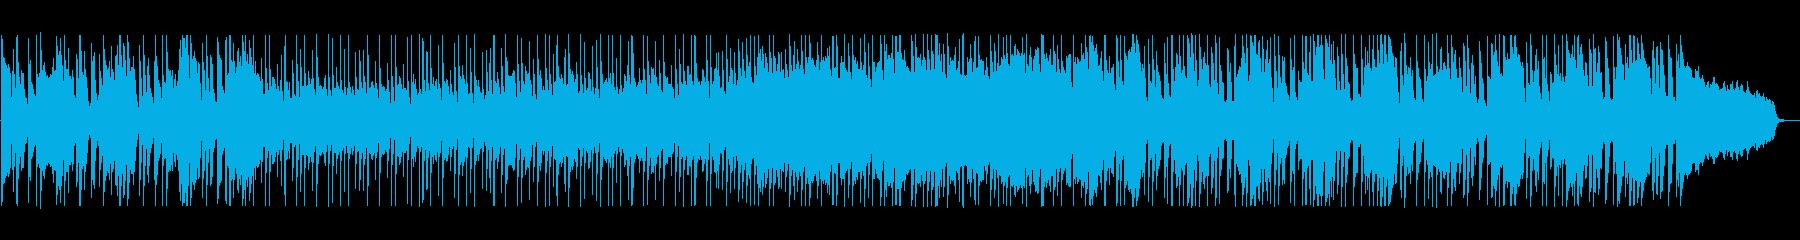 緩やかでリズミカルなシンセポップサウンドの再生済みの波形